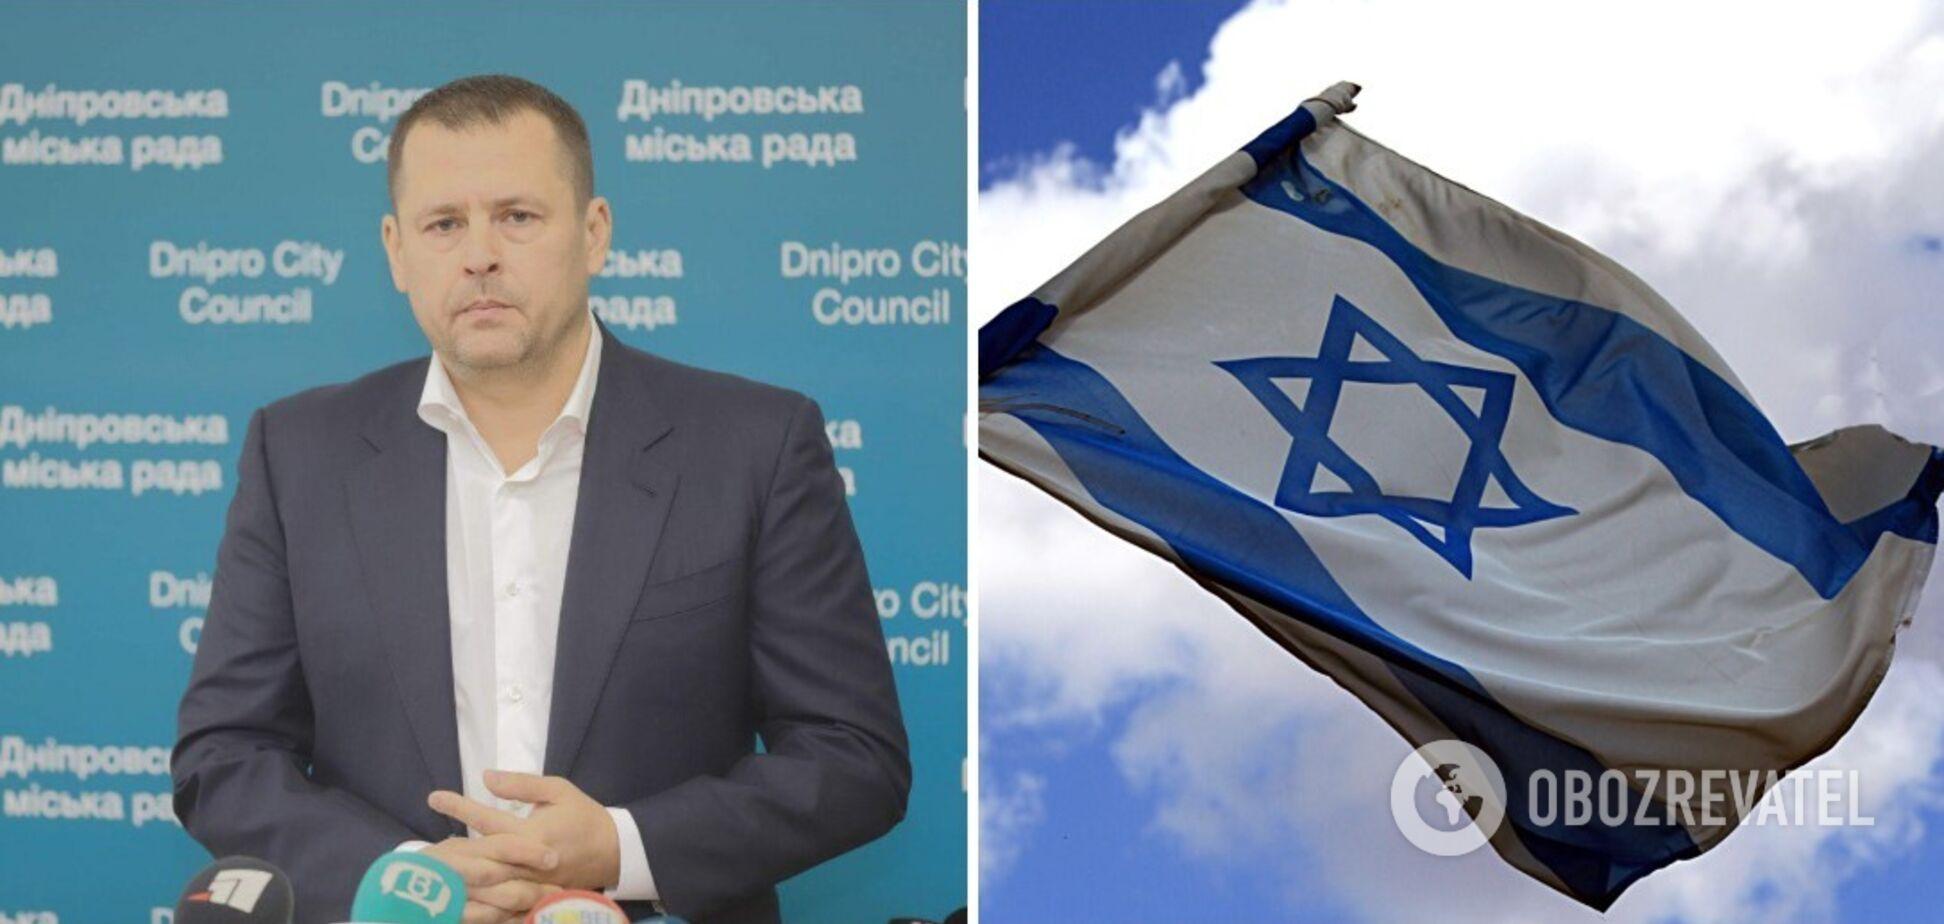 Представники народу Ізраїлю висловили подяку меру Дніпра Борису Філатову за підтримку